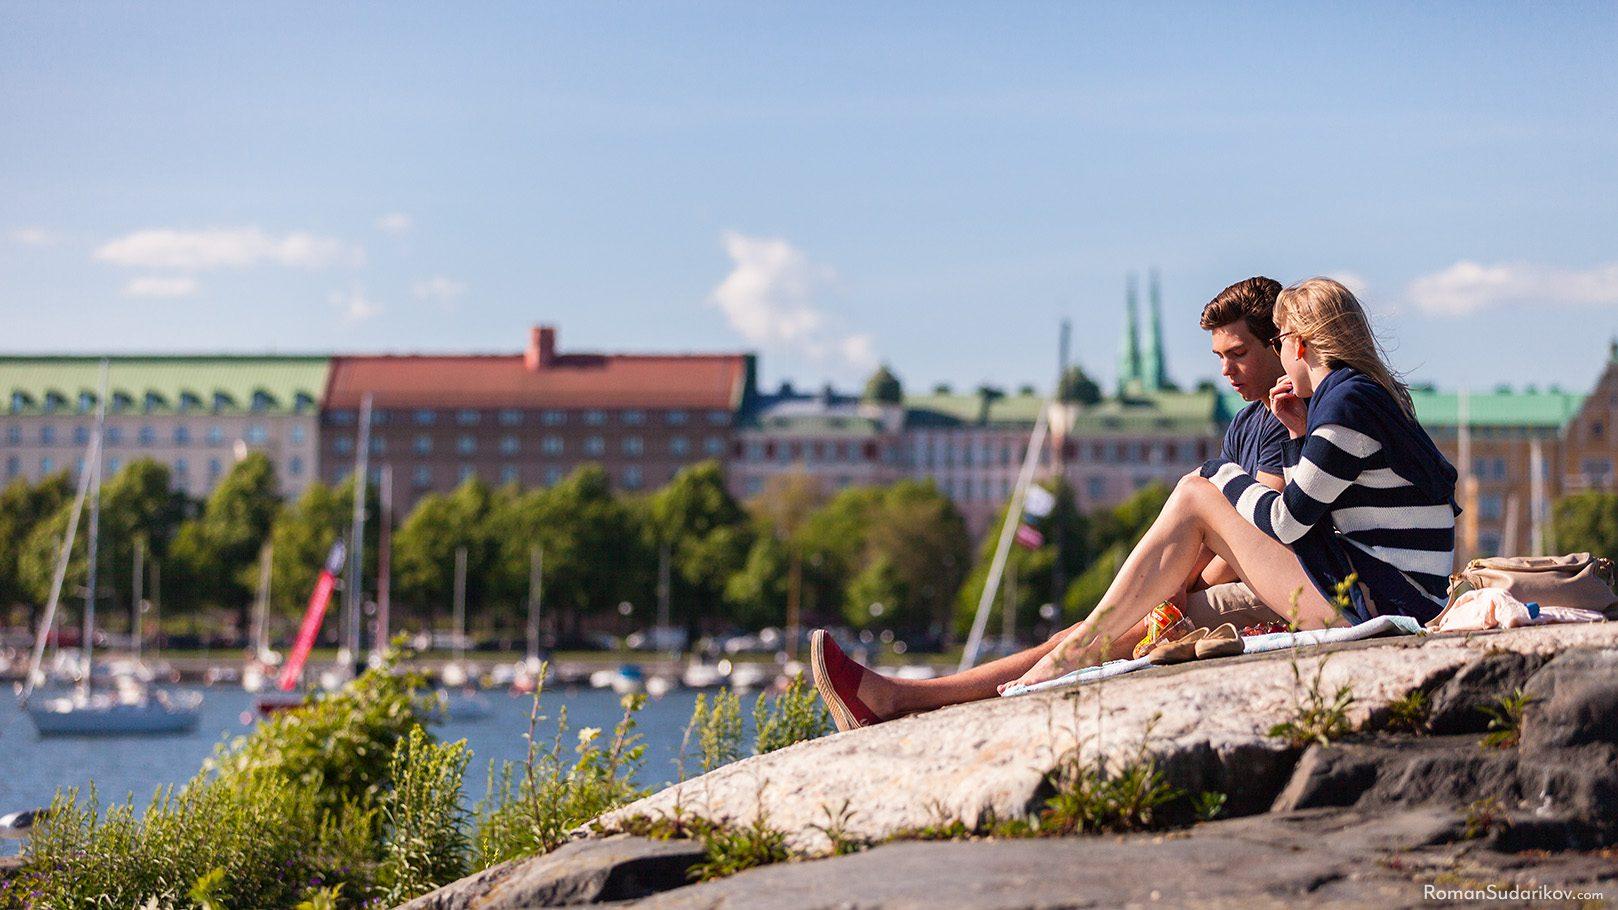 Young Couple, Uunisaari island, Helsinki, Finland